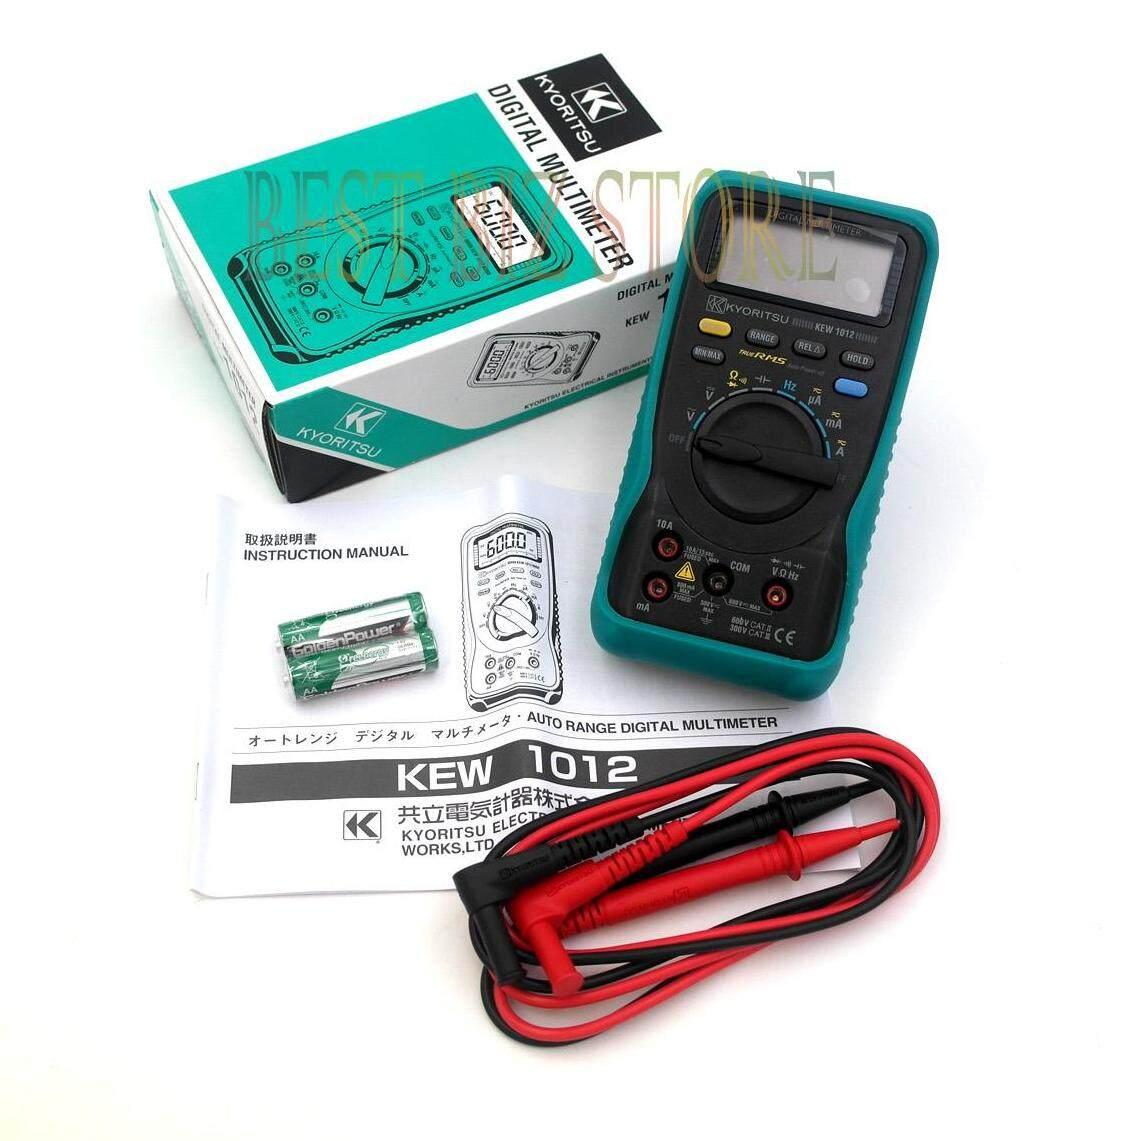 Sell Kyoritsu Kew1021r Digital Cheapest Best Quality My Store Clamp Meter True Rms 2300r Metermyr409 Myr 413 Multimetermyr413 416